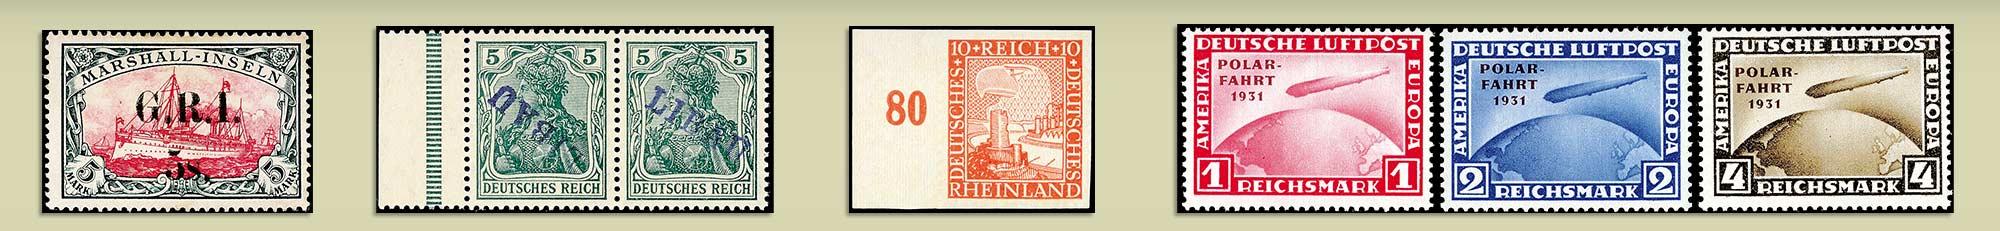 Wie Wertvoll Sind Meine Briefmarken Dr Reinhard Fischer